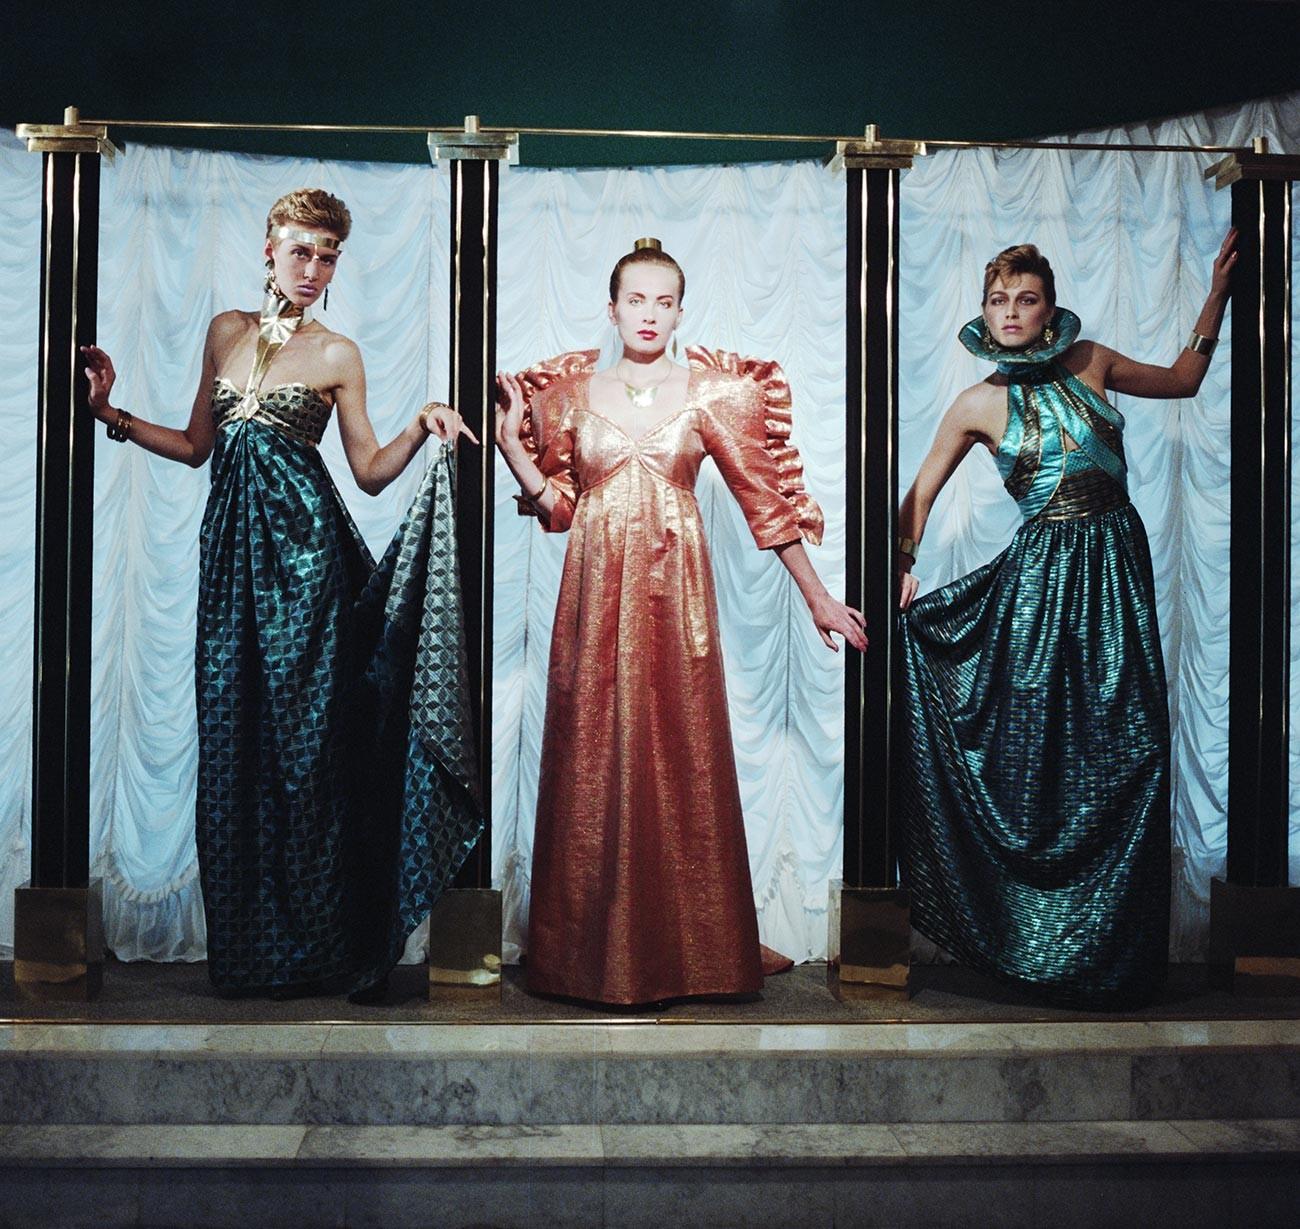 Maison de mode rue Arbat, 1989. Robes de soirée